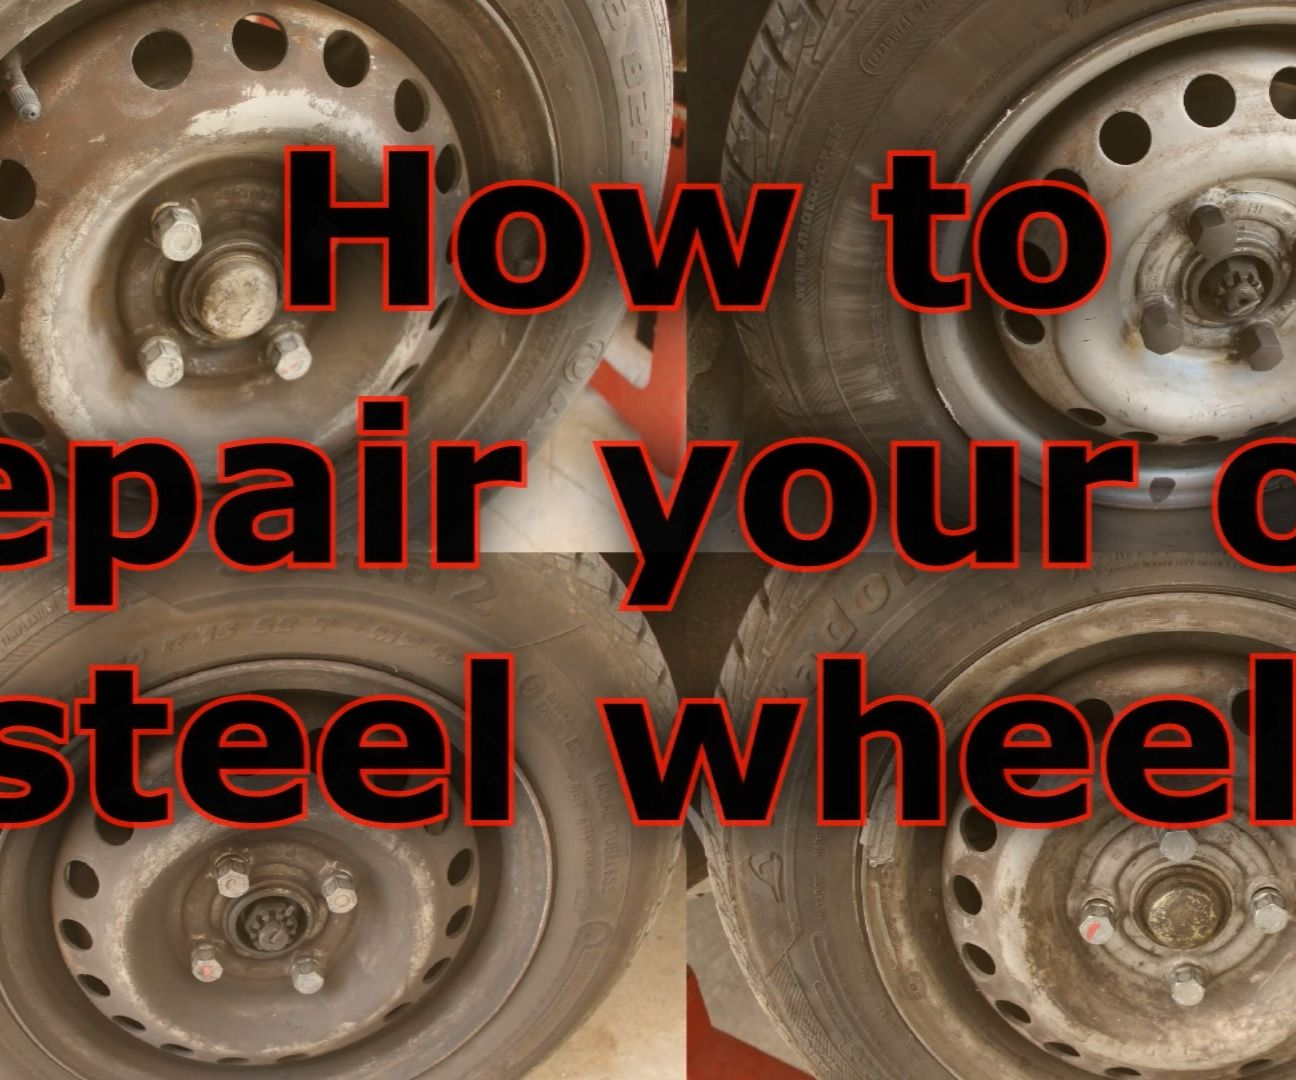 Renew old steel wheels